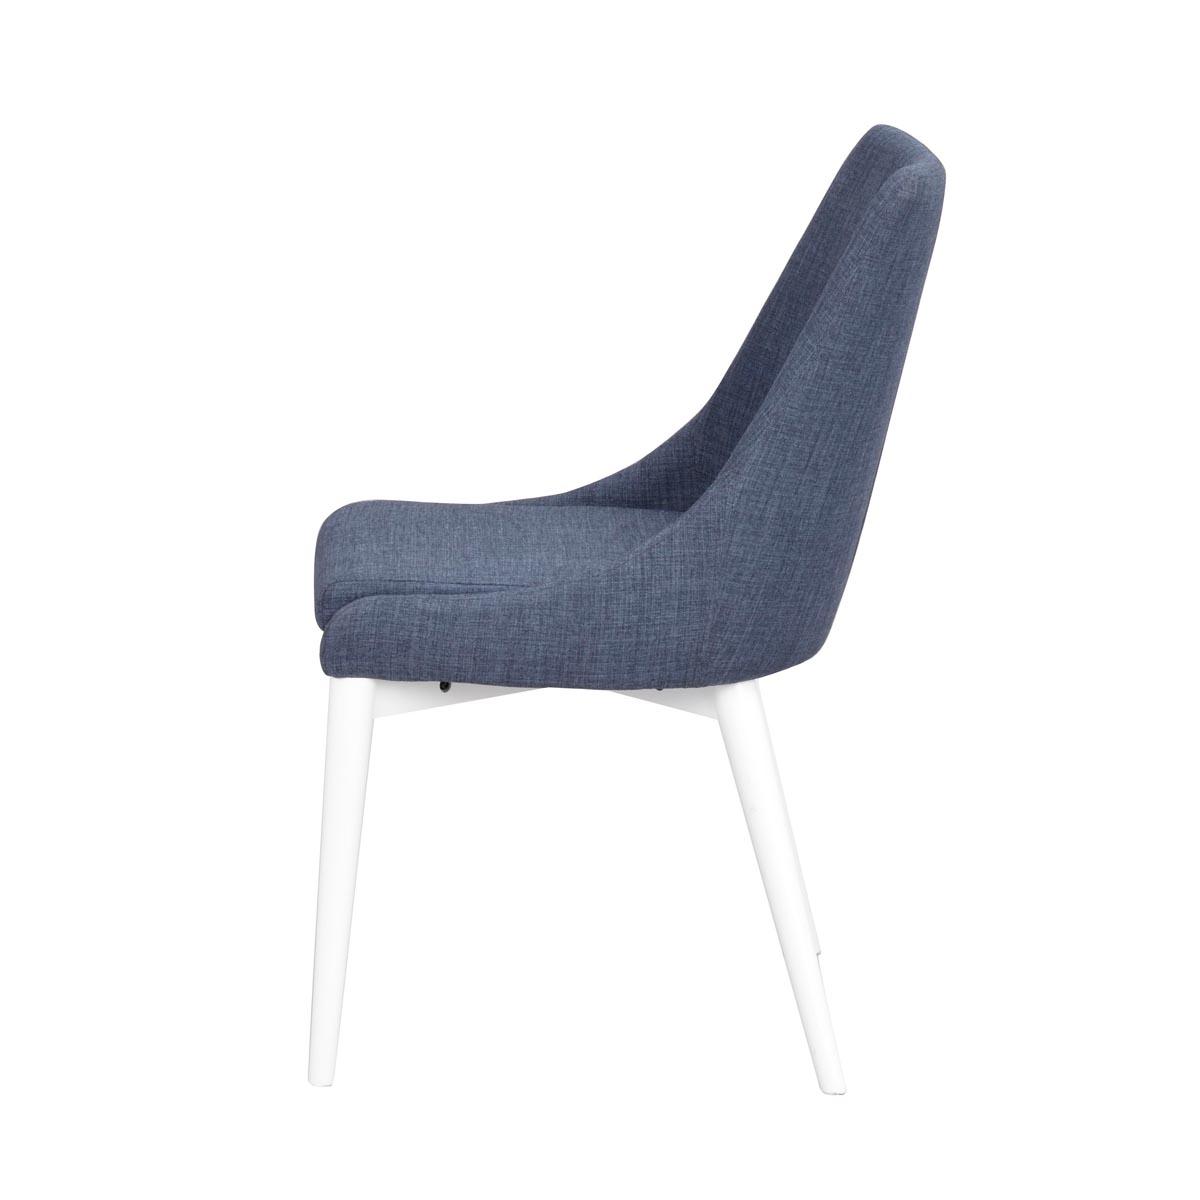 Bea-stol-blått-tyg_vitR-118315_c